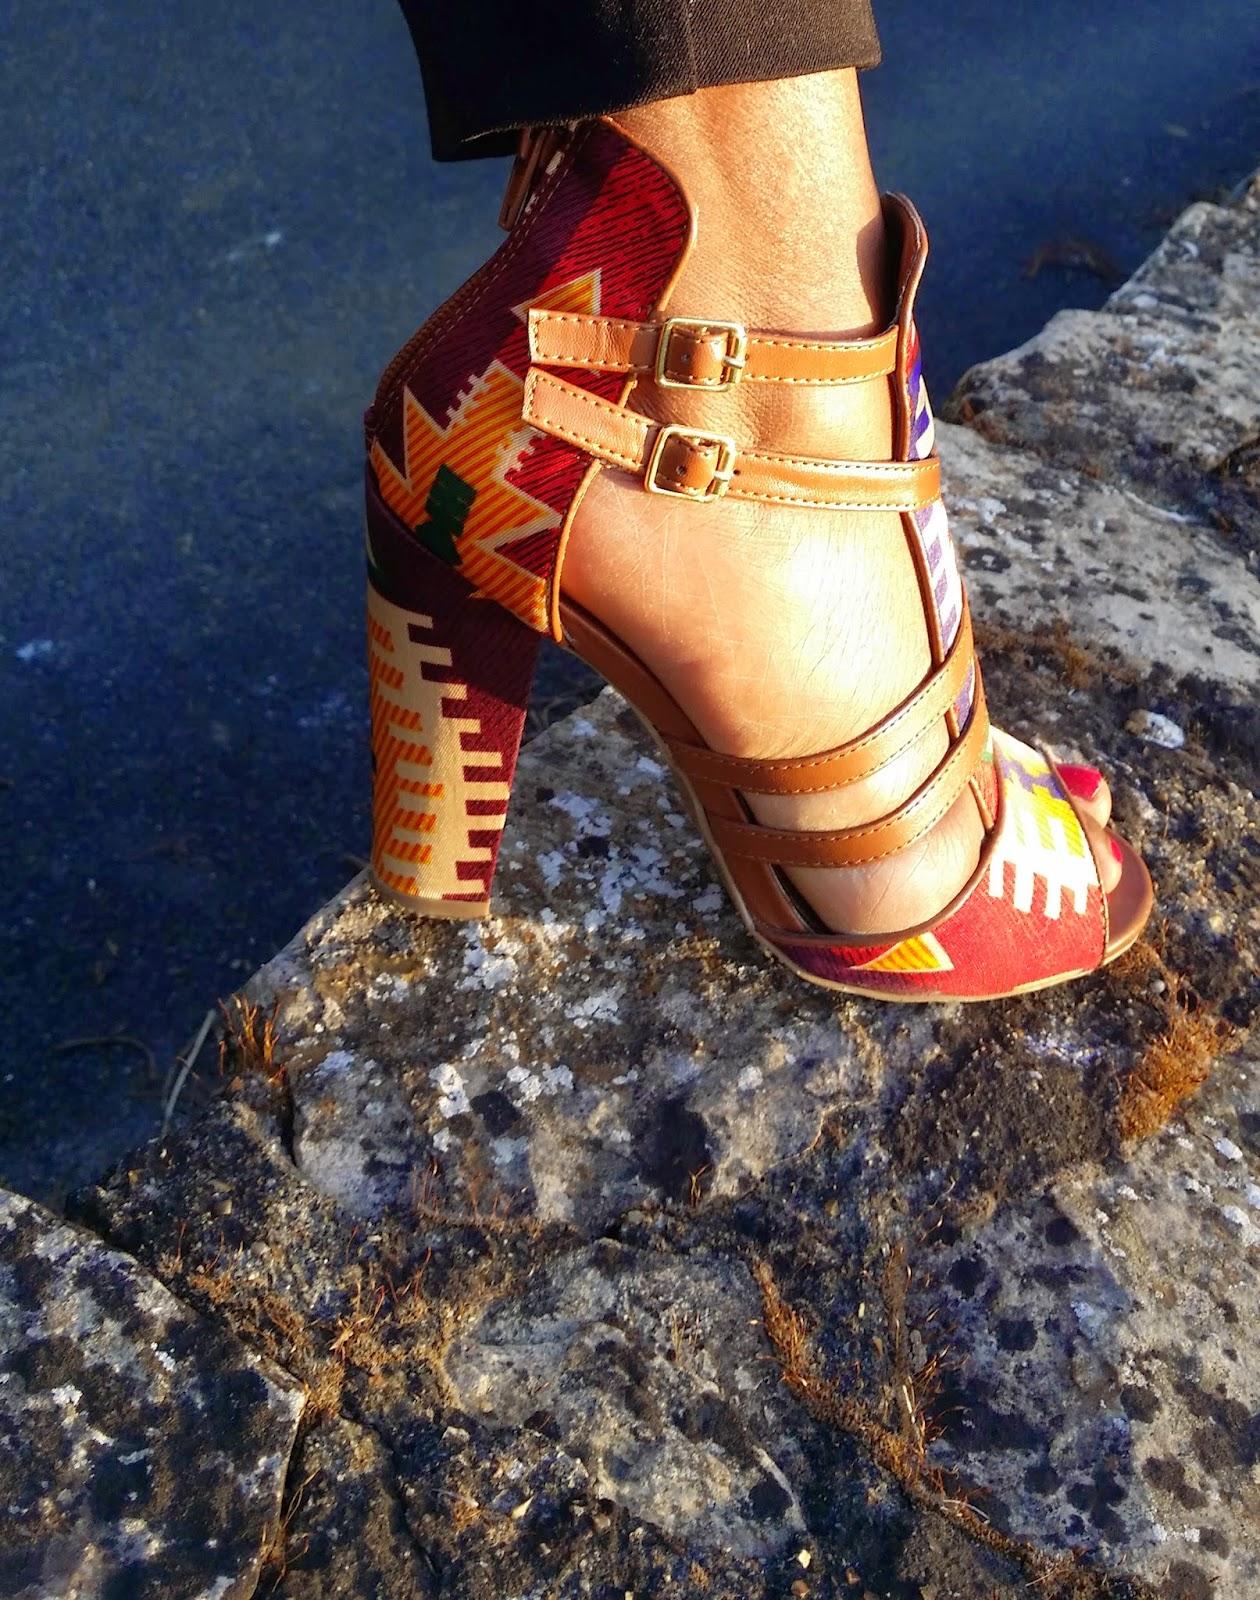 chaussures-lulus-blogmode-petitbudget-lafillefauchee-petitsbudget-ethnique